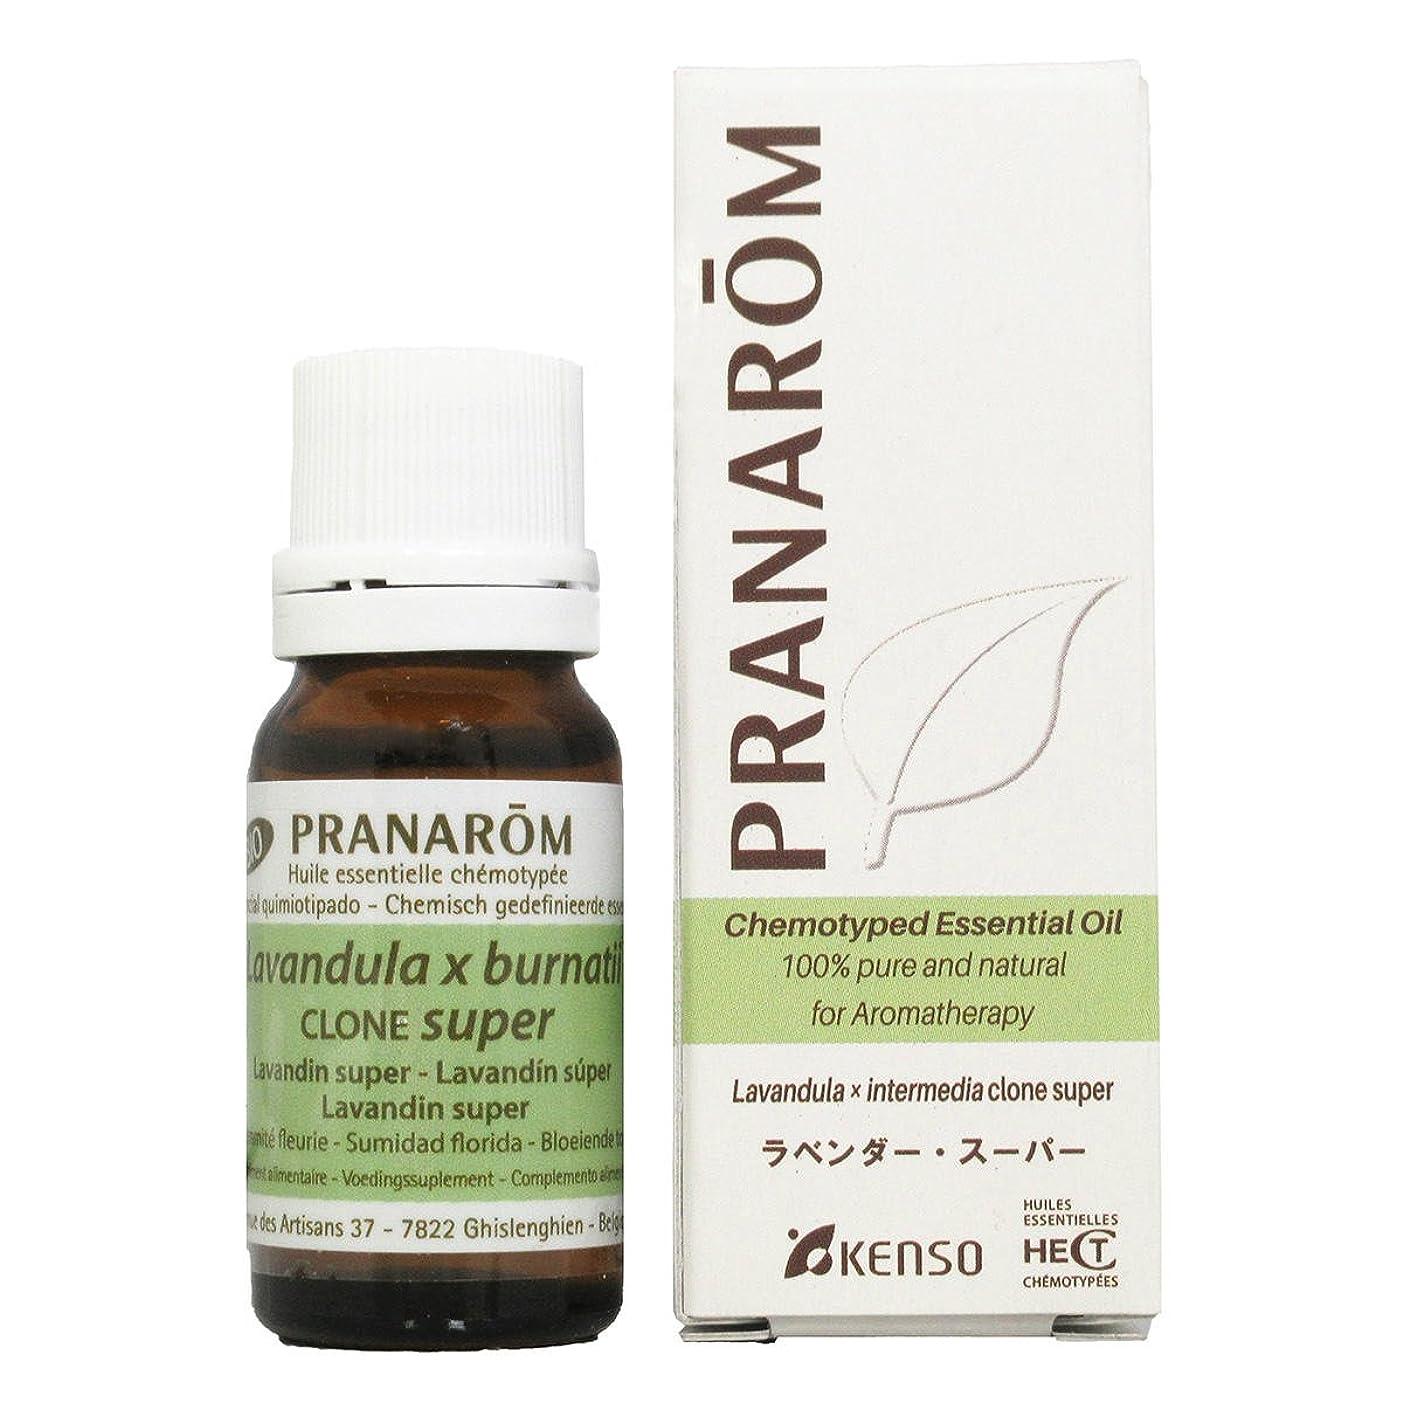 勇敢なブレーキ重なるプラナロム ラベンダースーパー 10ml (PRANAROM ケモタイプ精油)